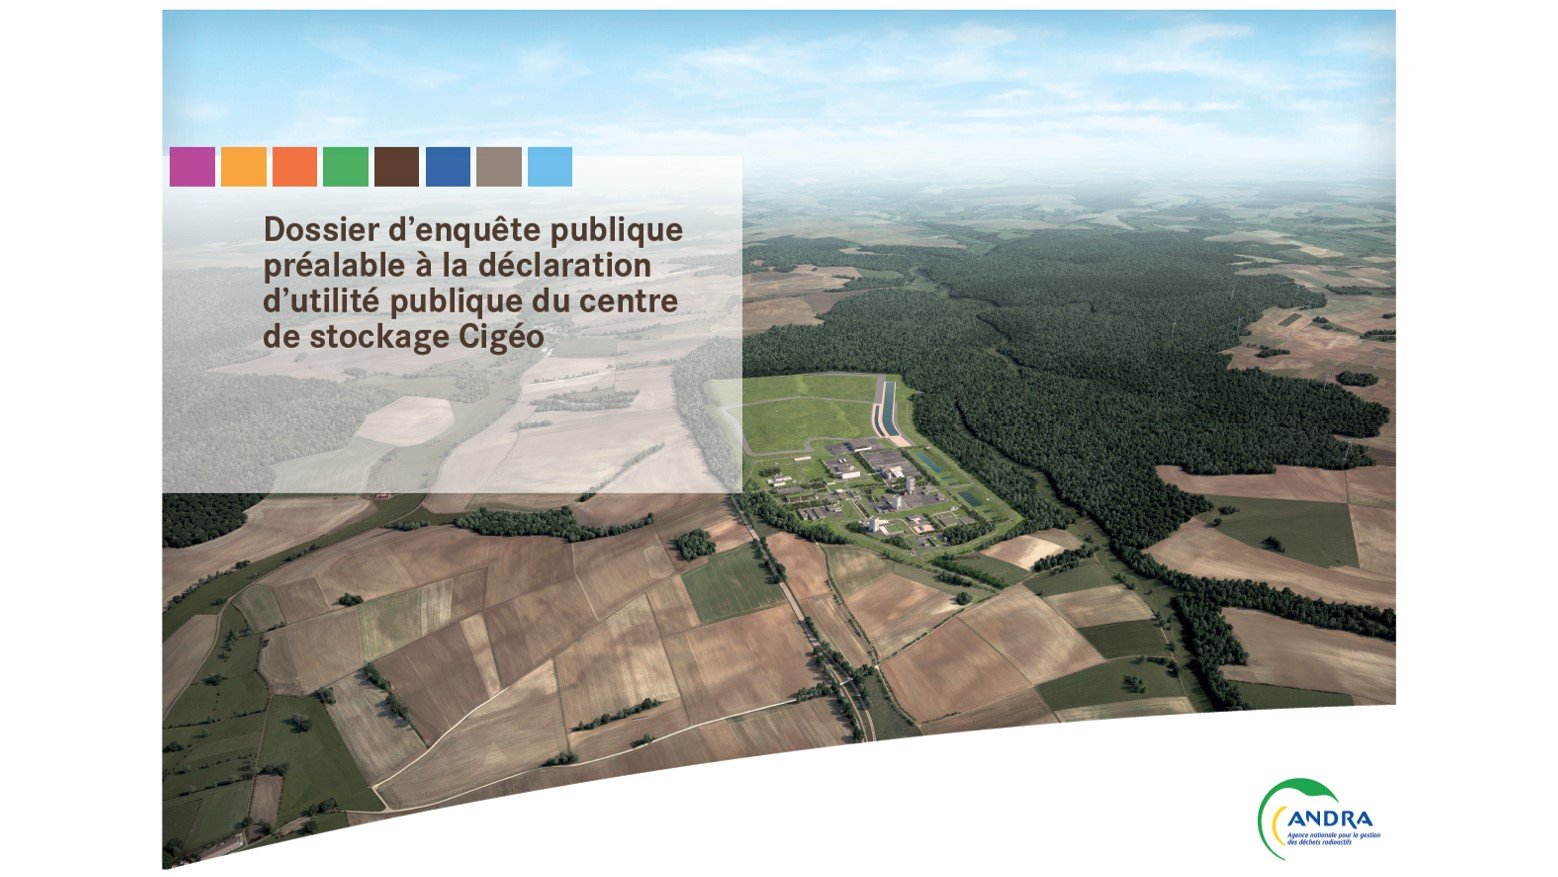 L'éclairage de l'Andra sur la demande de déclaration d'utilité publique du projet Cigéo